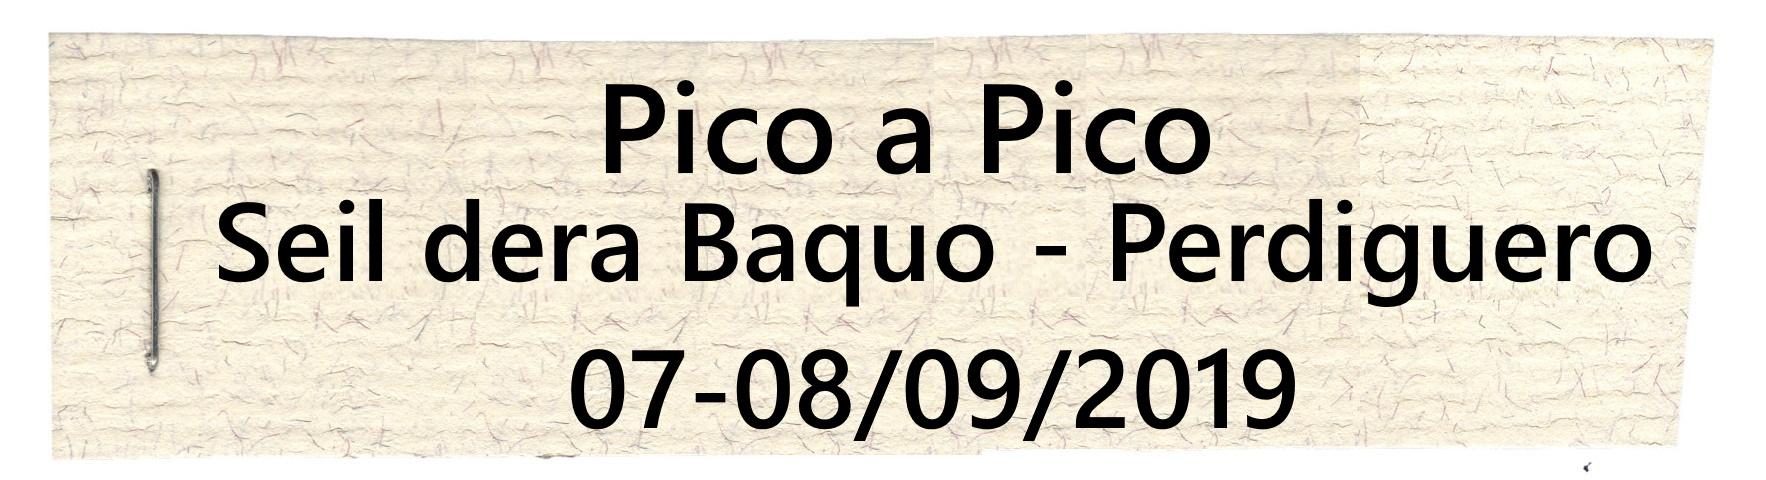 PICO-A-PICO29